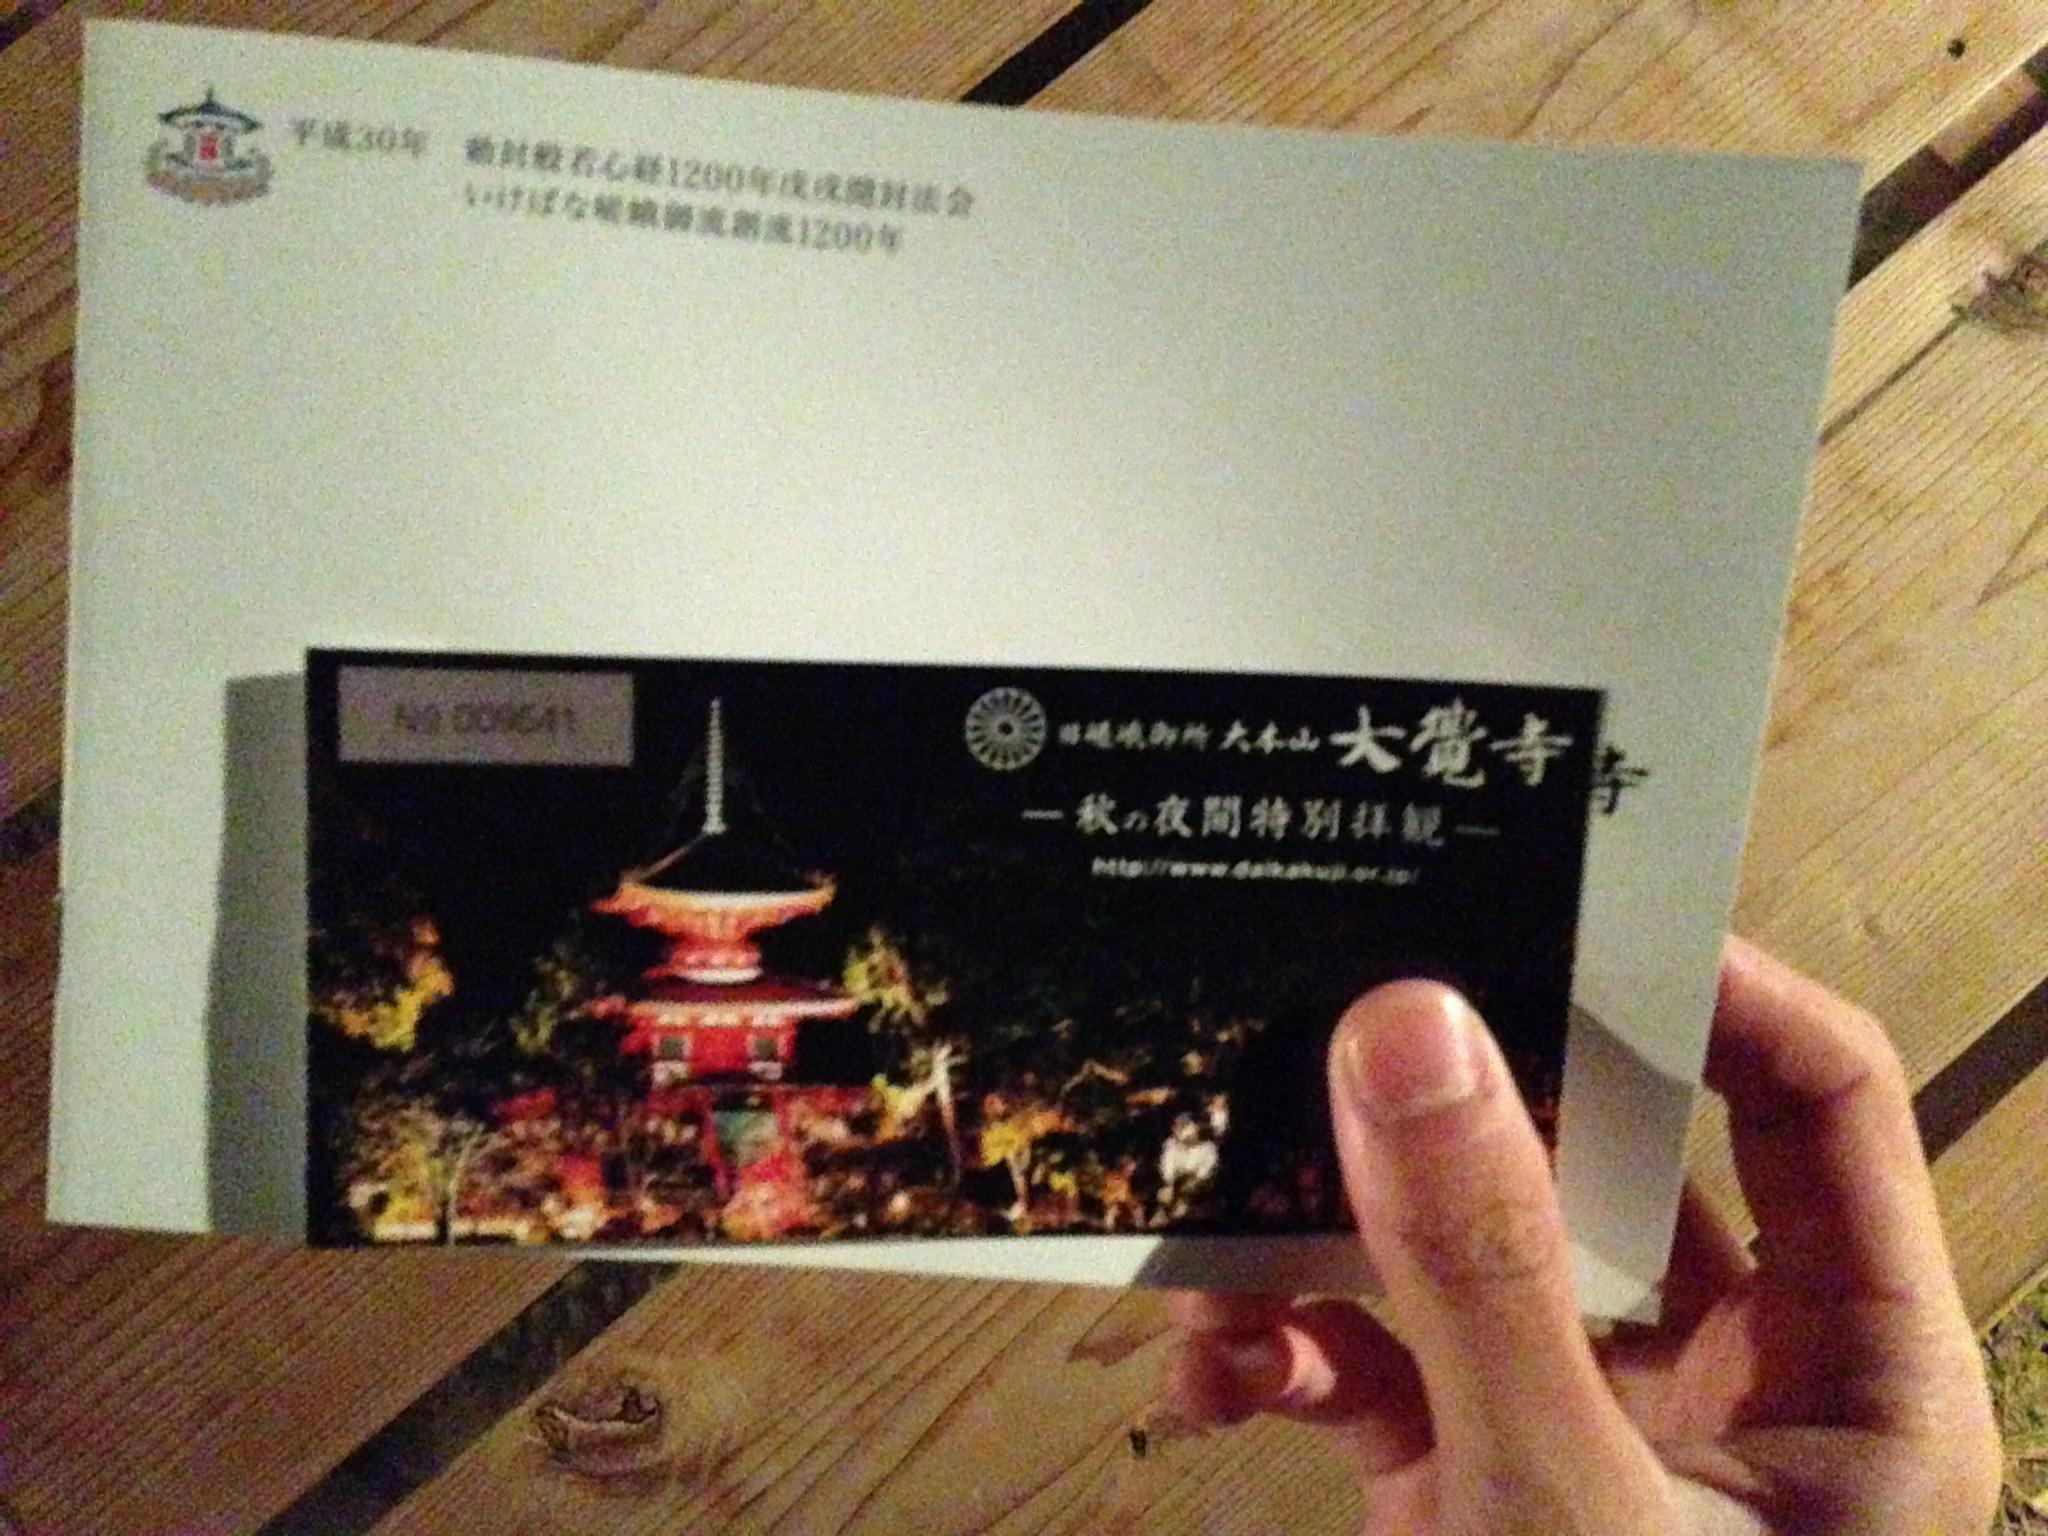 大覚寺の紅葉ライトアップは混雑なし!大沢池のライトアップは必見です!